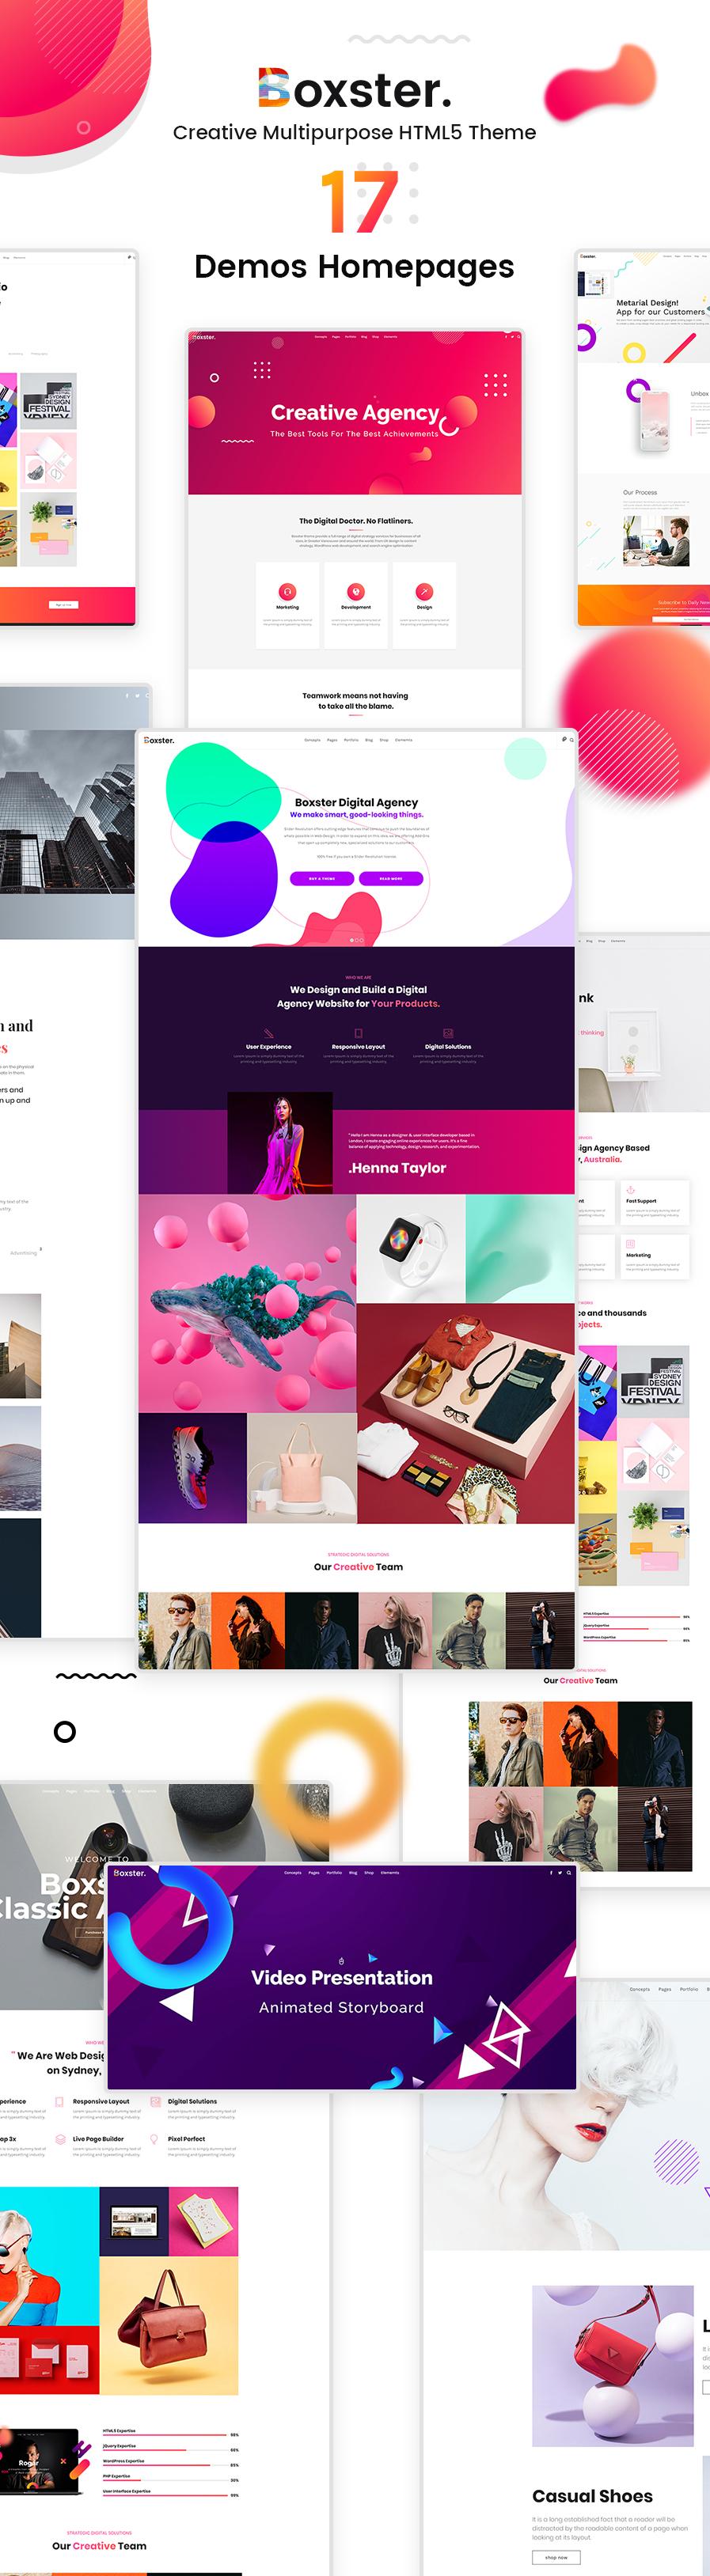 Boxster - Creative Multi-Purpose HTML5 Template - 1